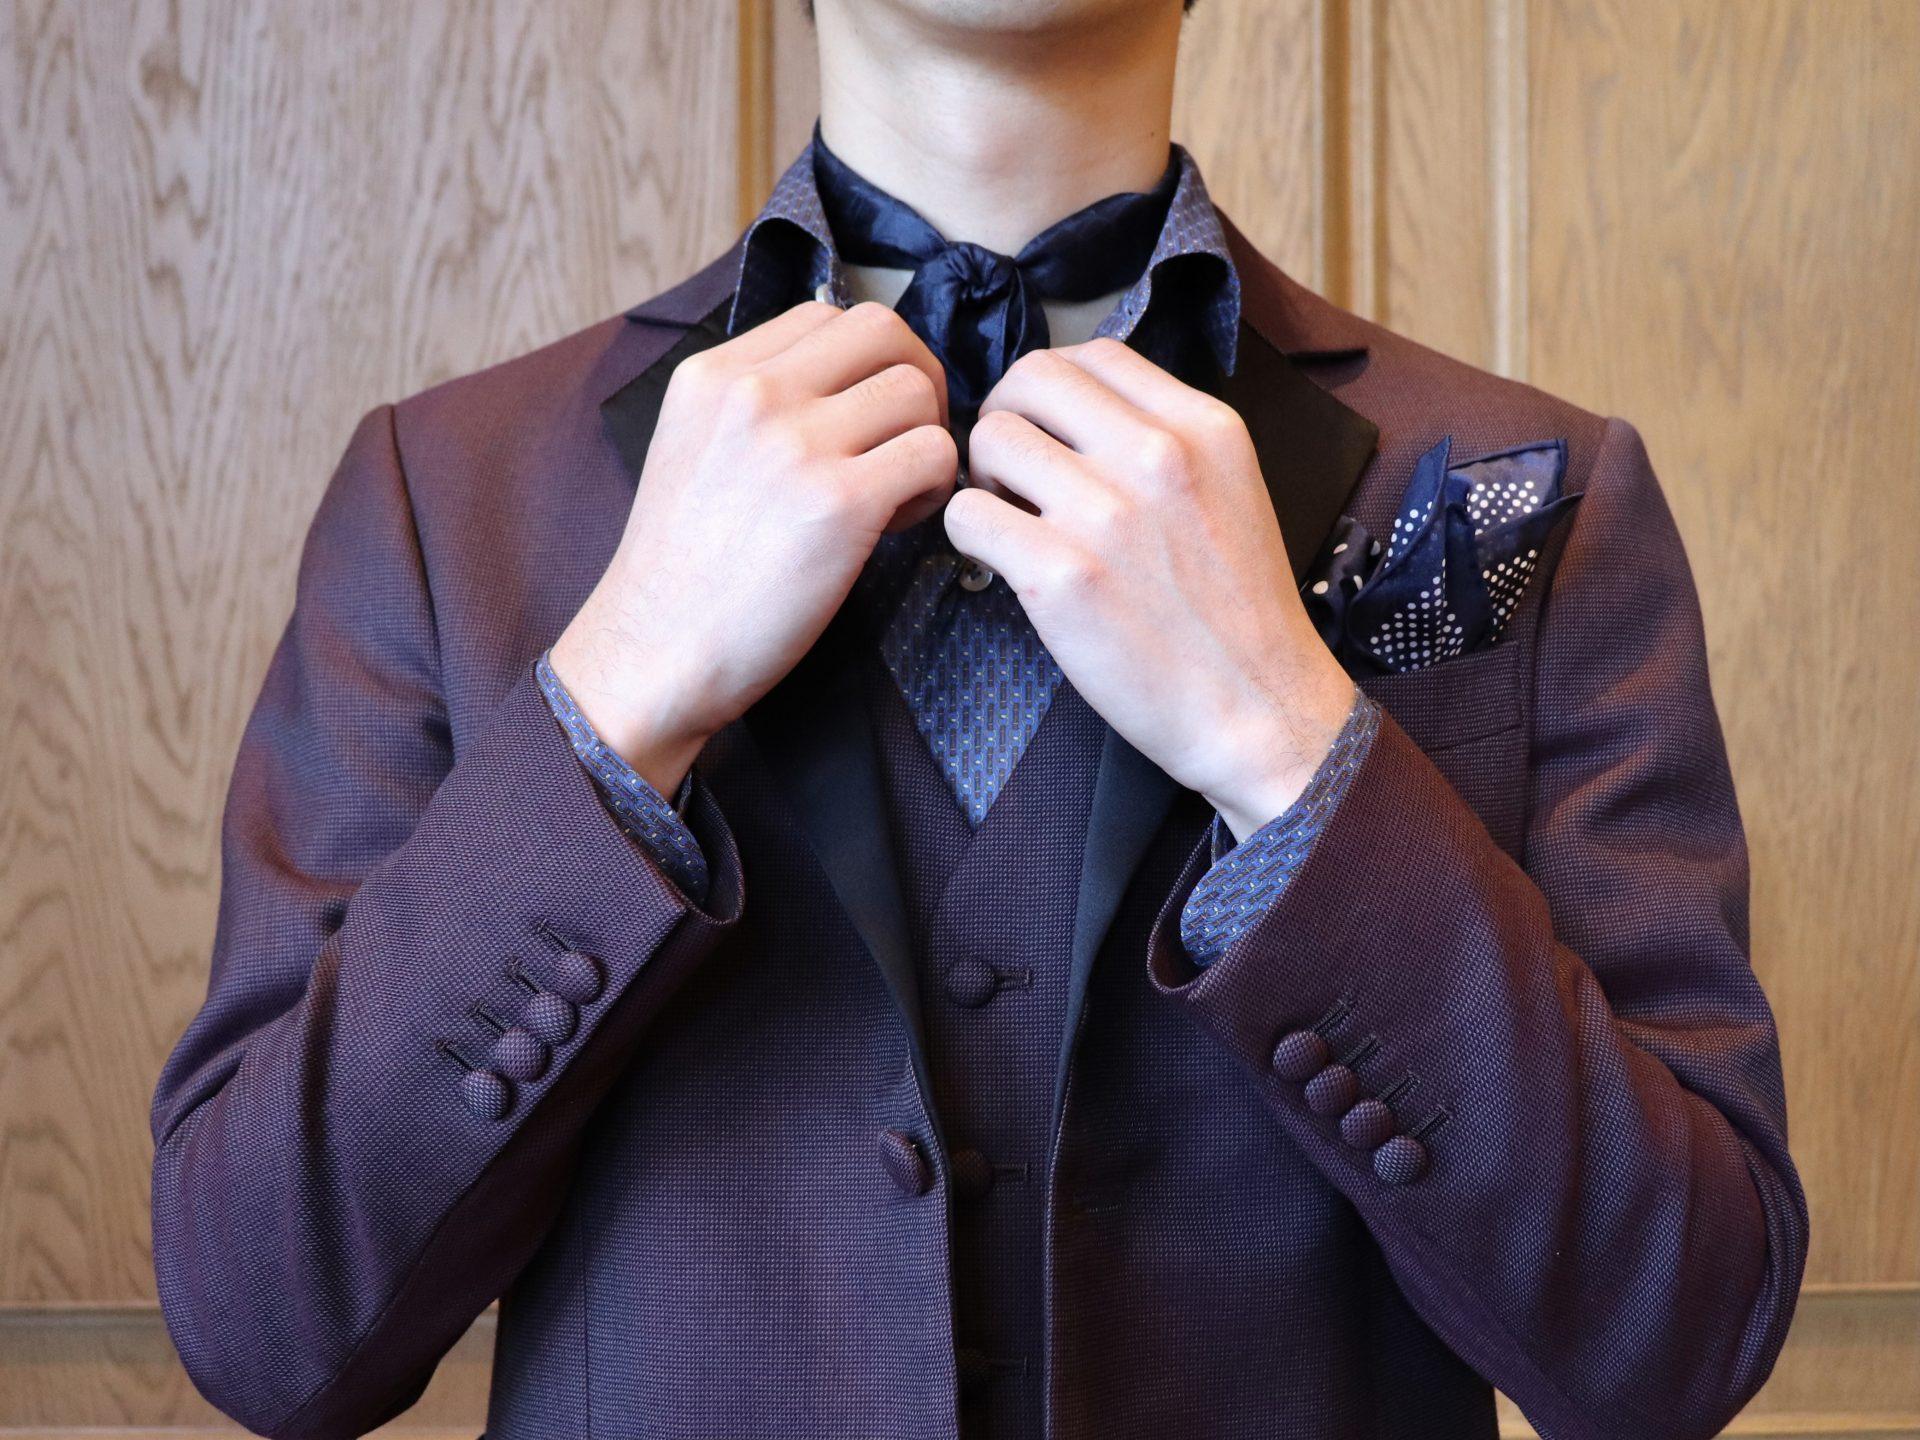 ザトリートドレッシング名古屋がご紹介するボルドーのお衣裳とネイビーアイテムを使ったダンディーな新郎様のお色直しコーディネート